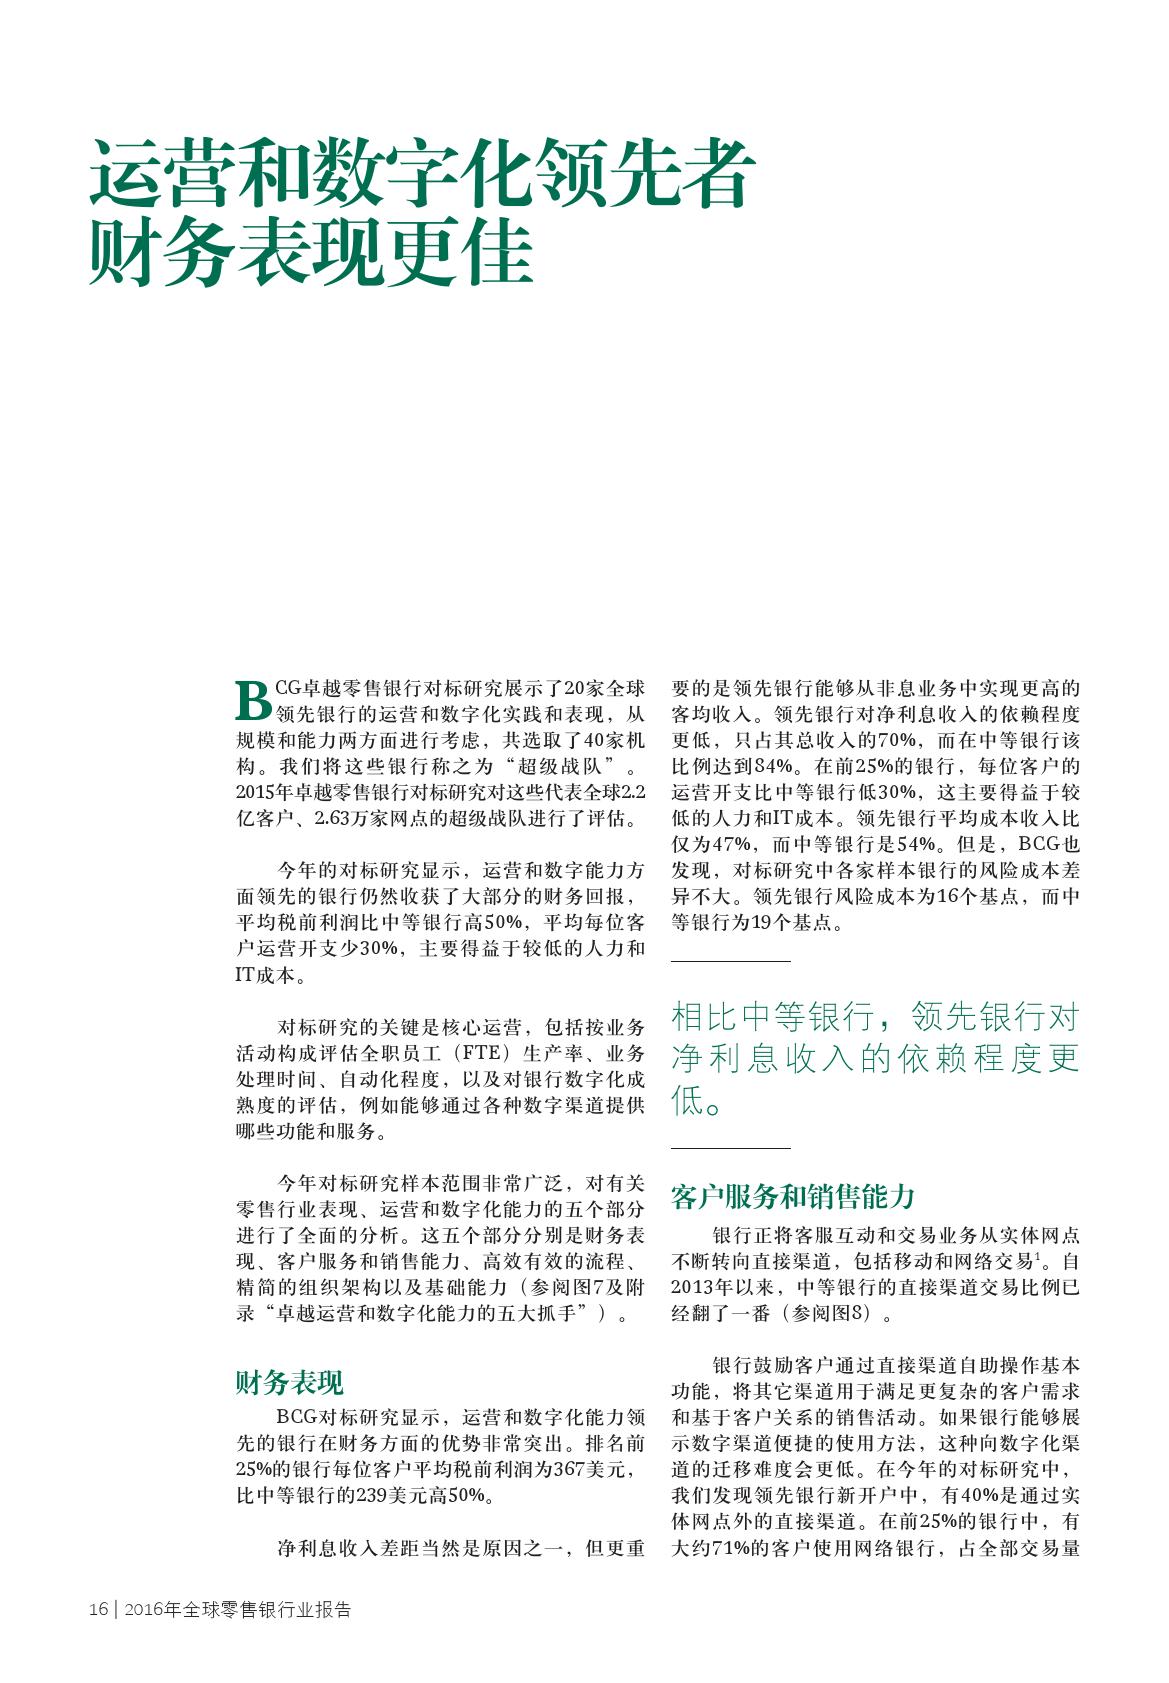 2016年全球零售银行业报告_000018